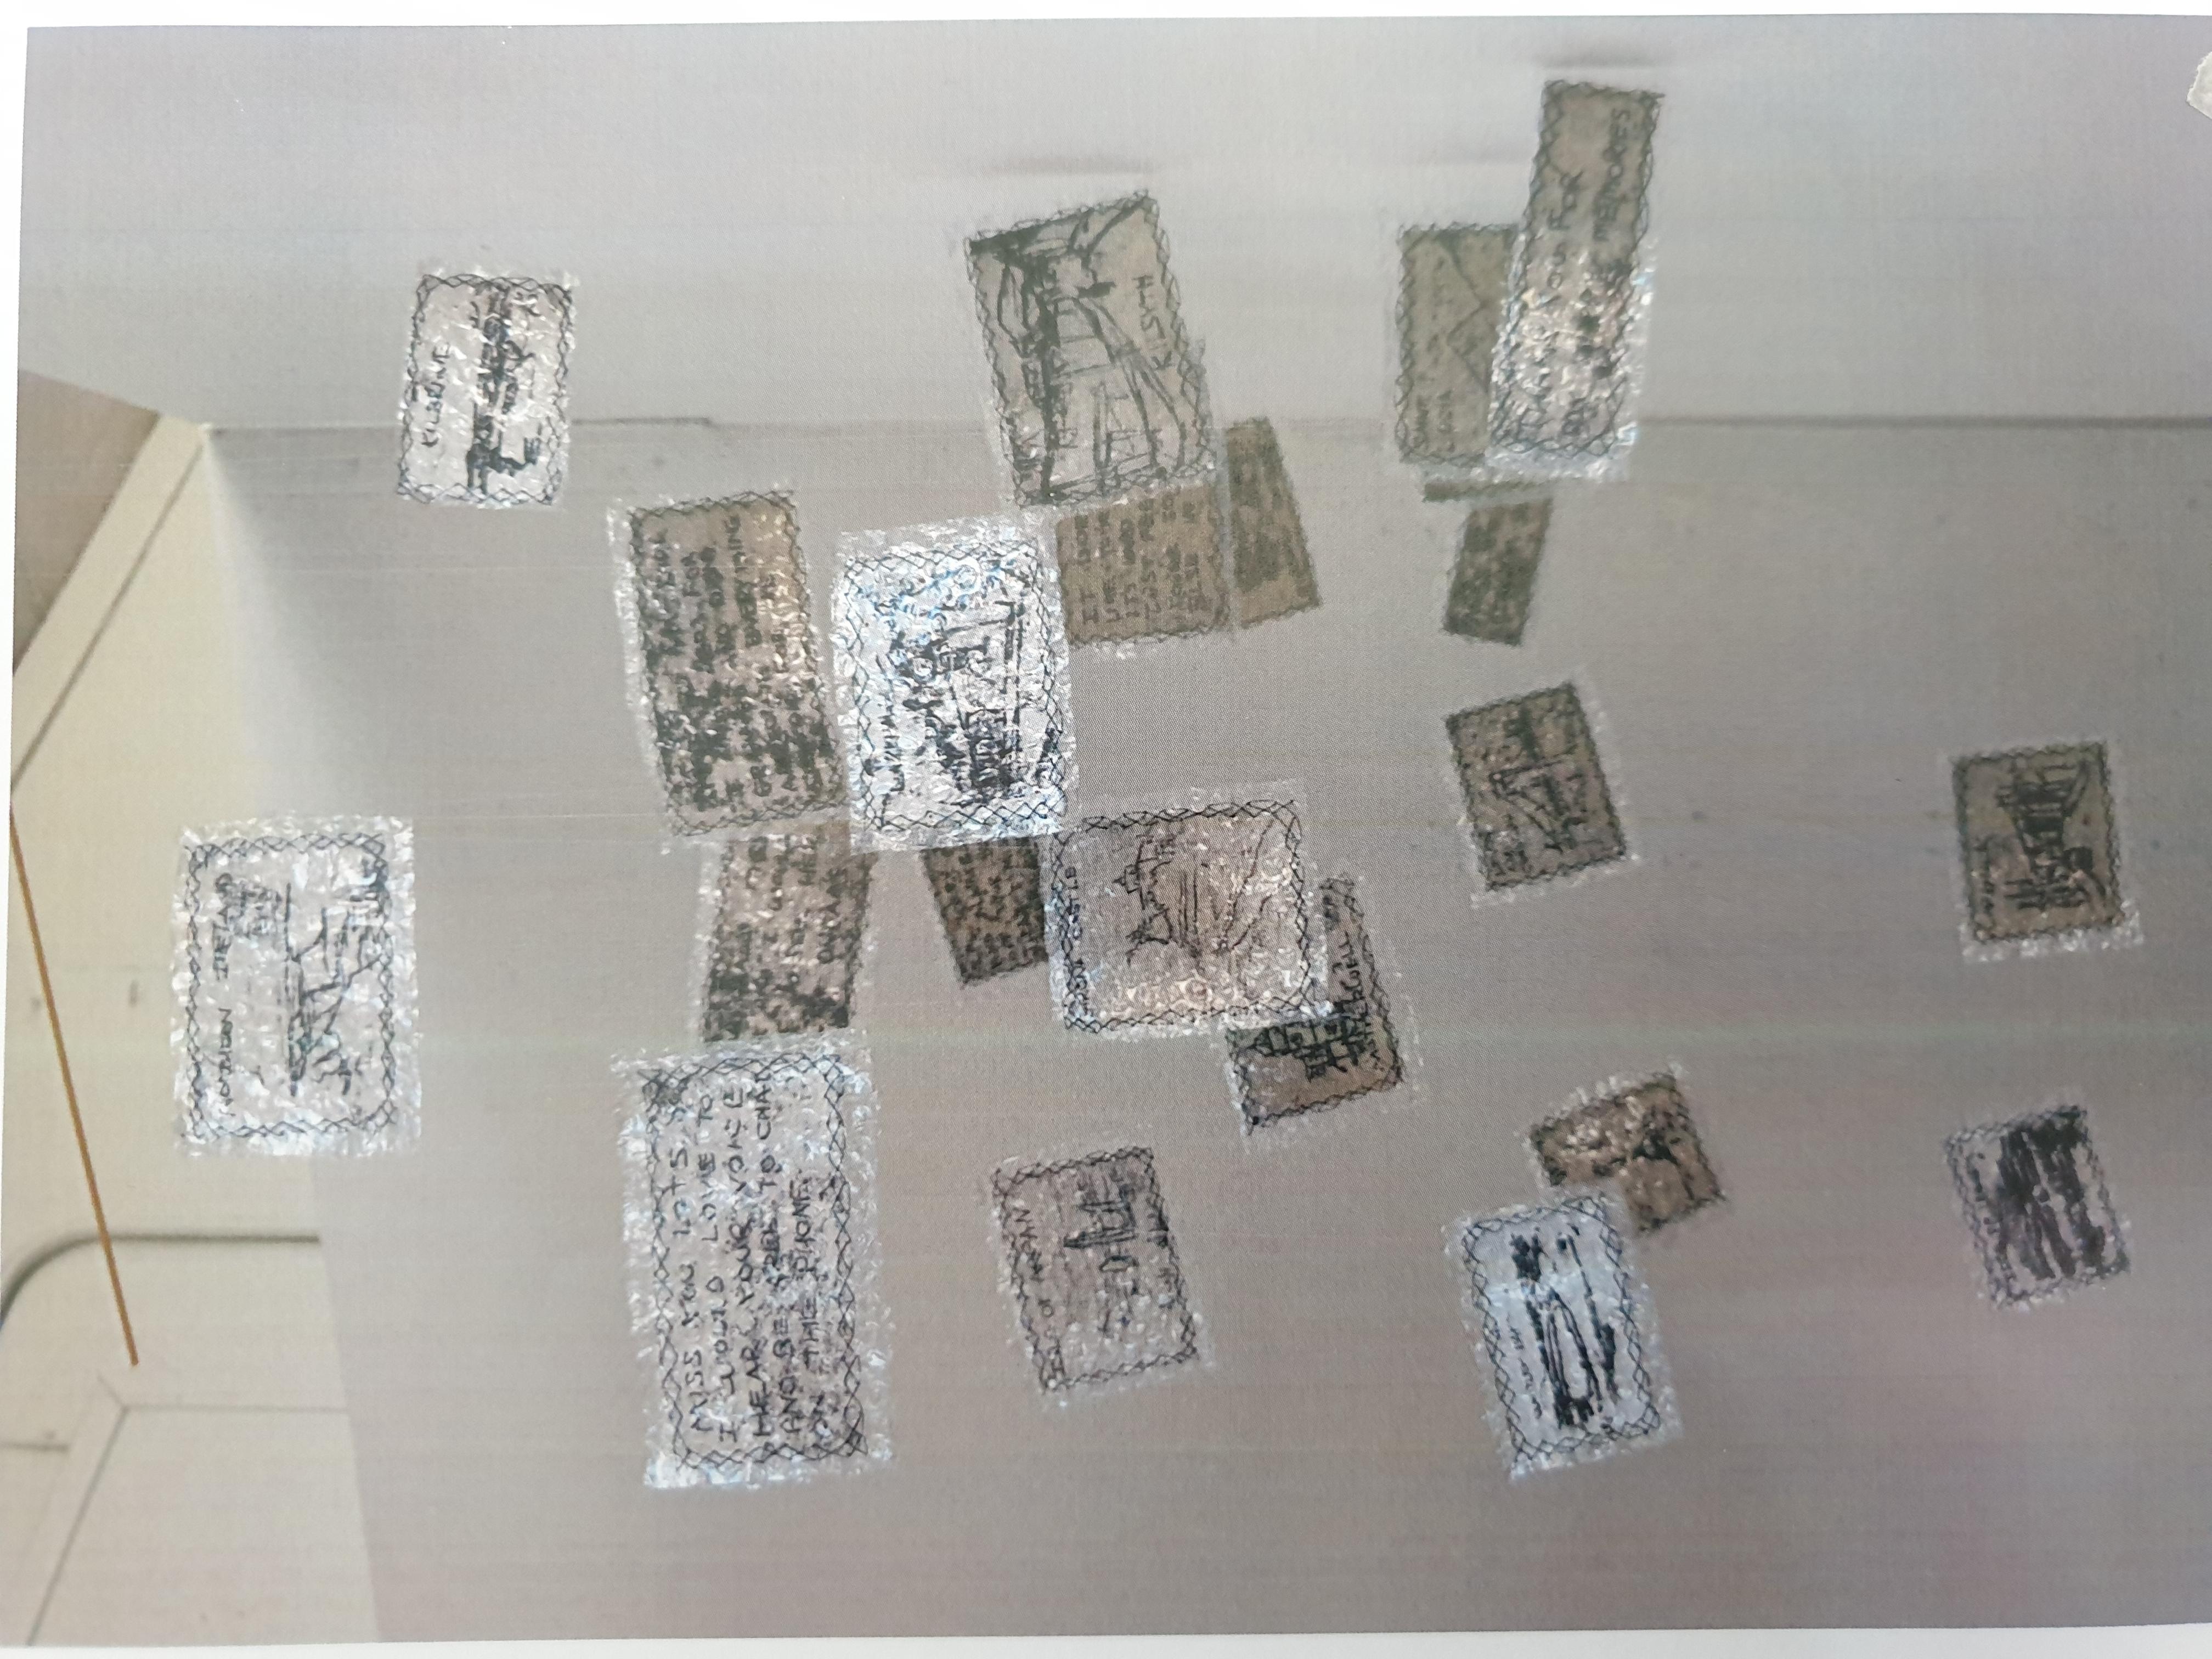 Monoprint, fabric, paper, bubblewrap, stitching